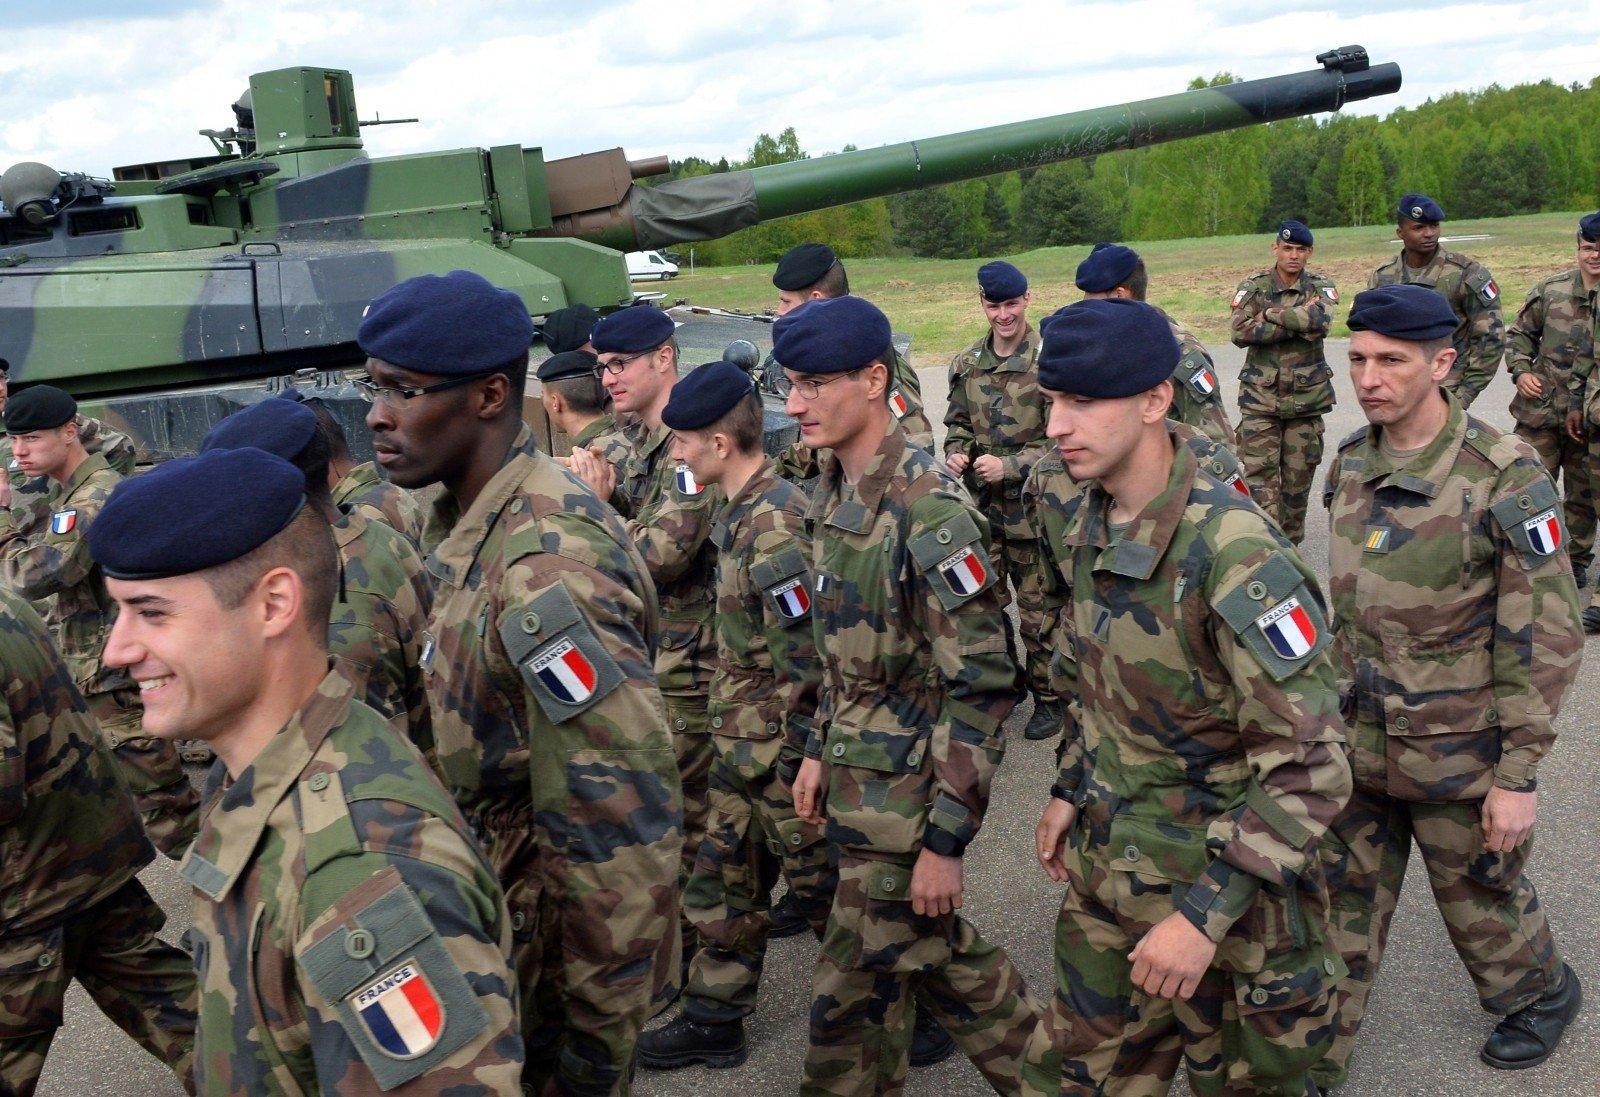 Вбатальон NАТО вЛитве будут передислоцированы 250 французских военных